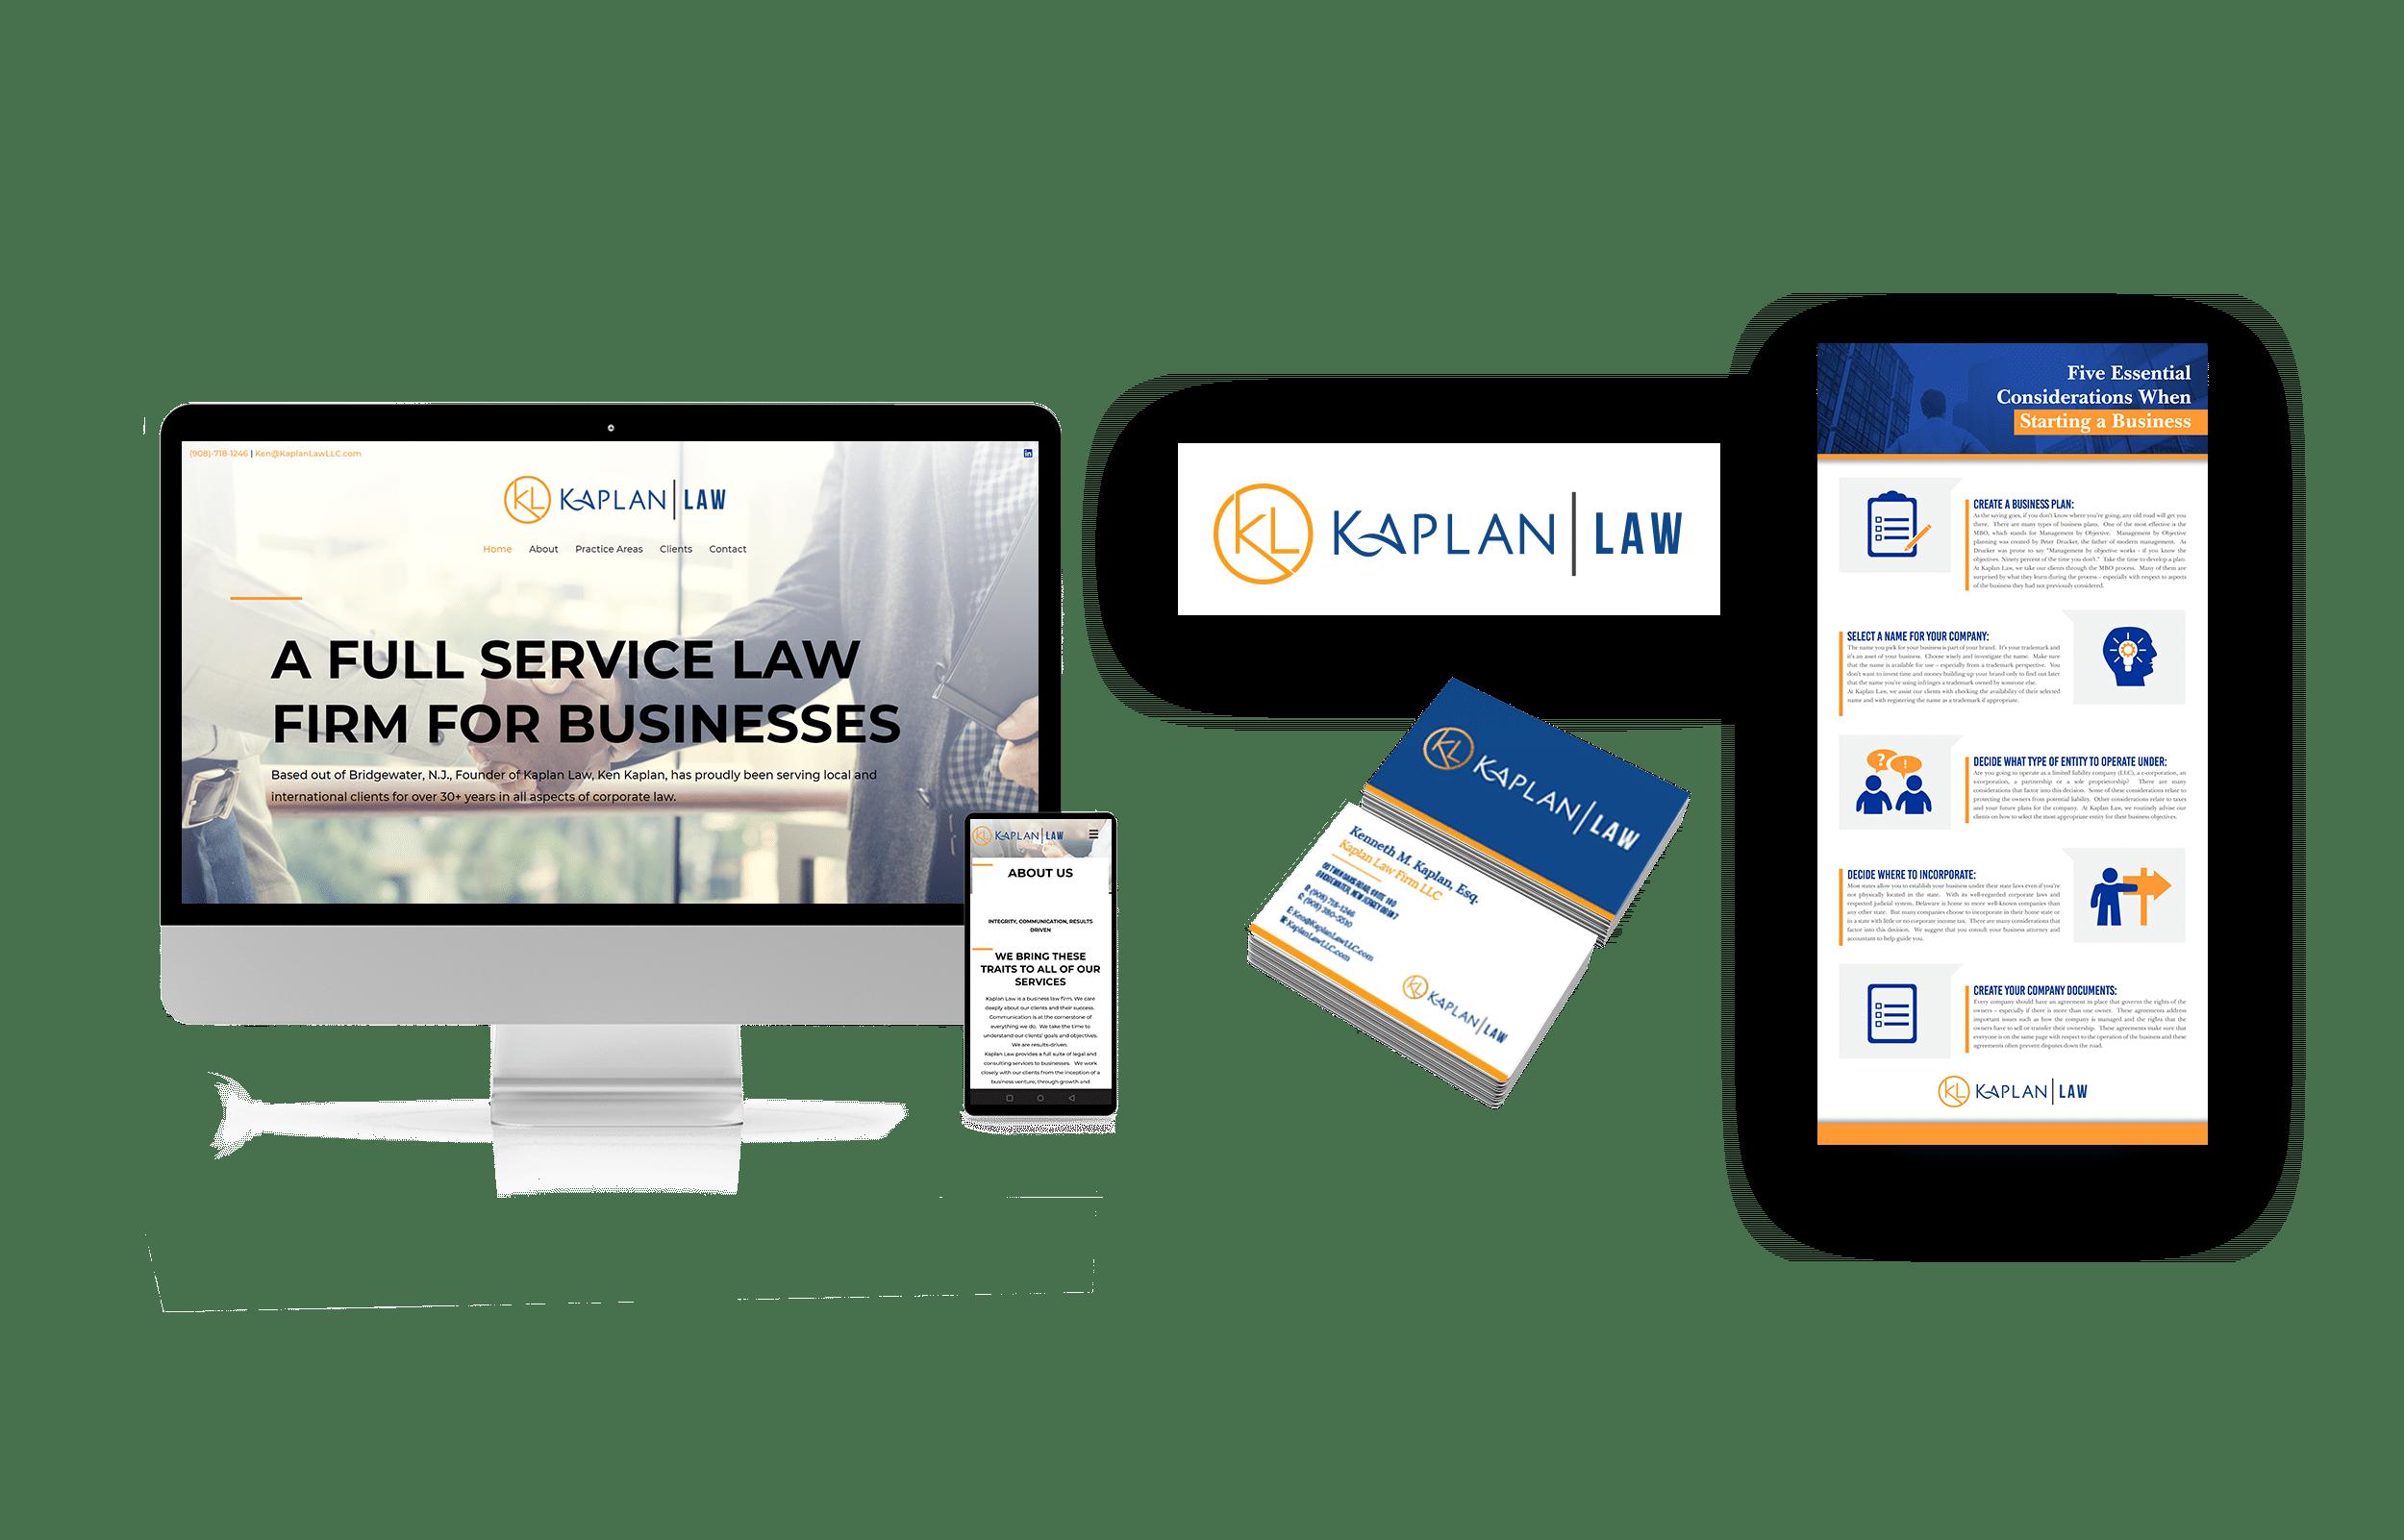 Kaplan Law